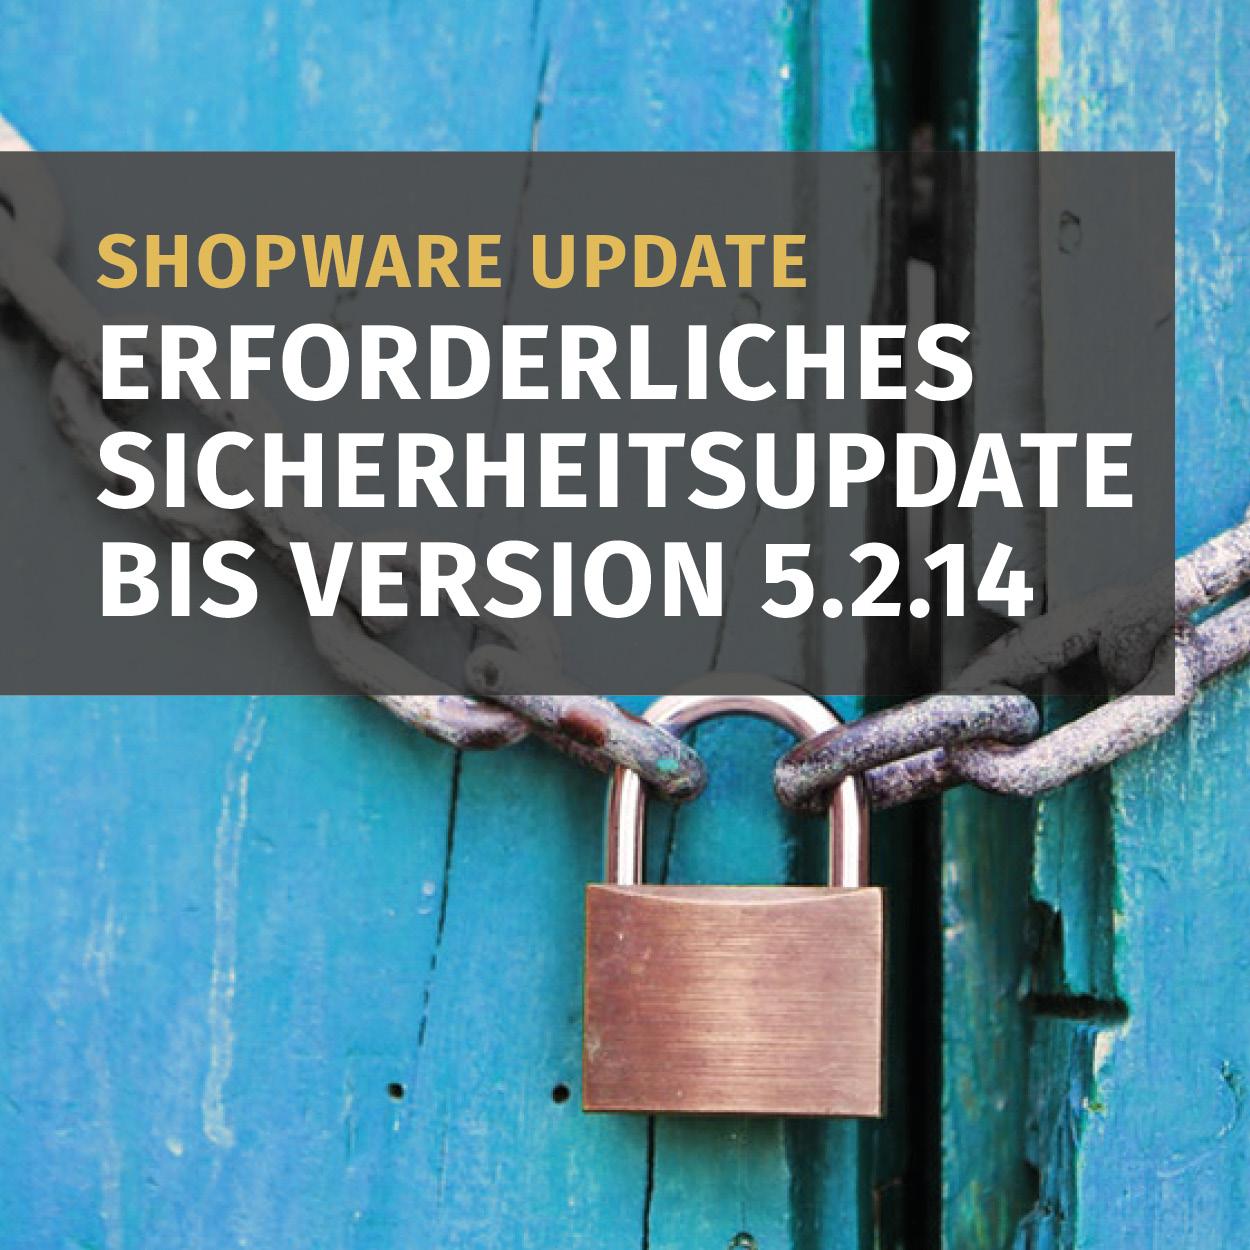 shopware entwickler sicherheitsupdate bis 5.2.14